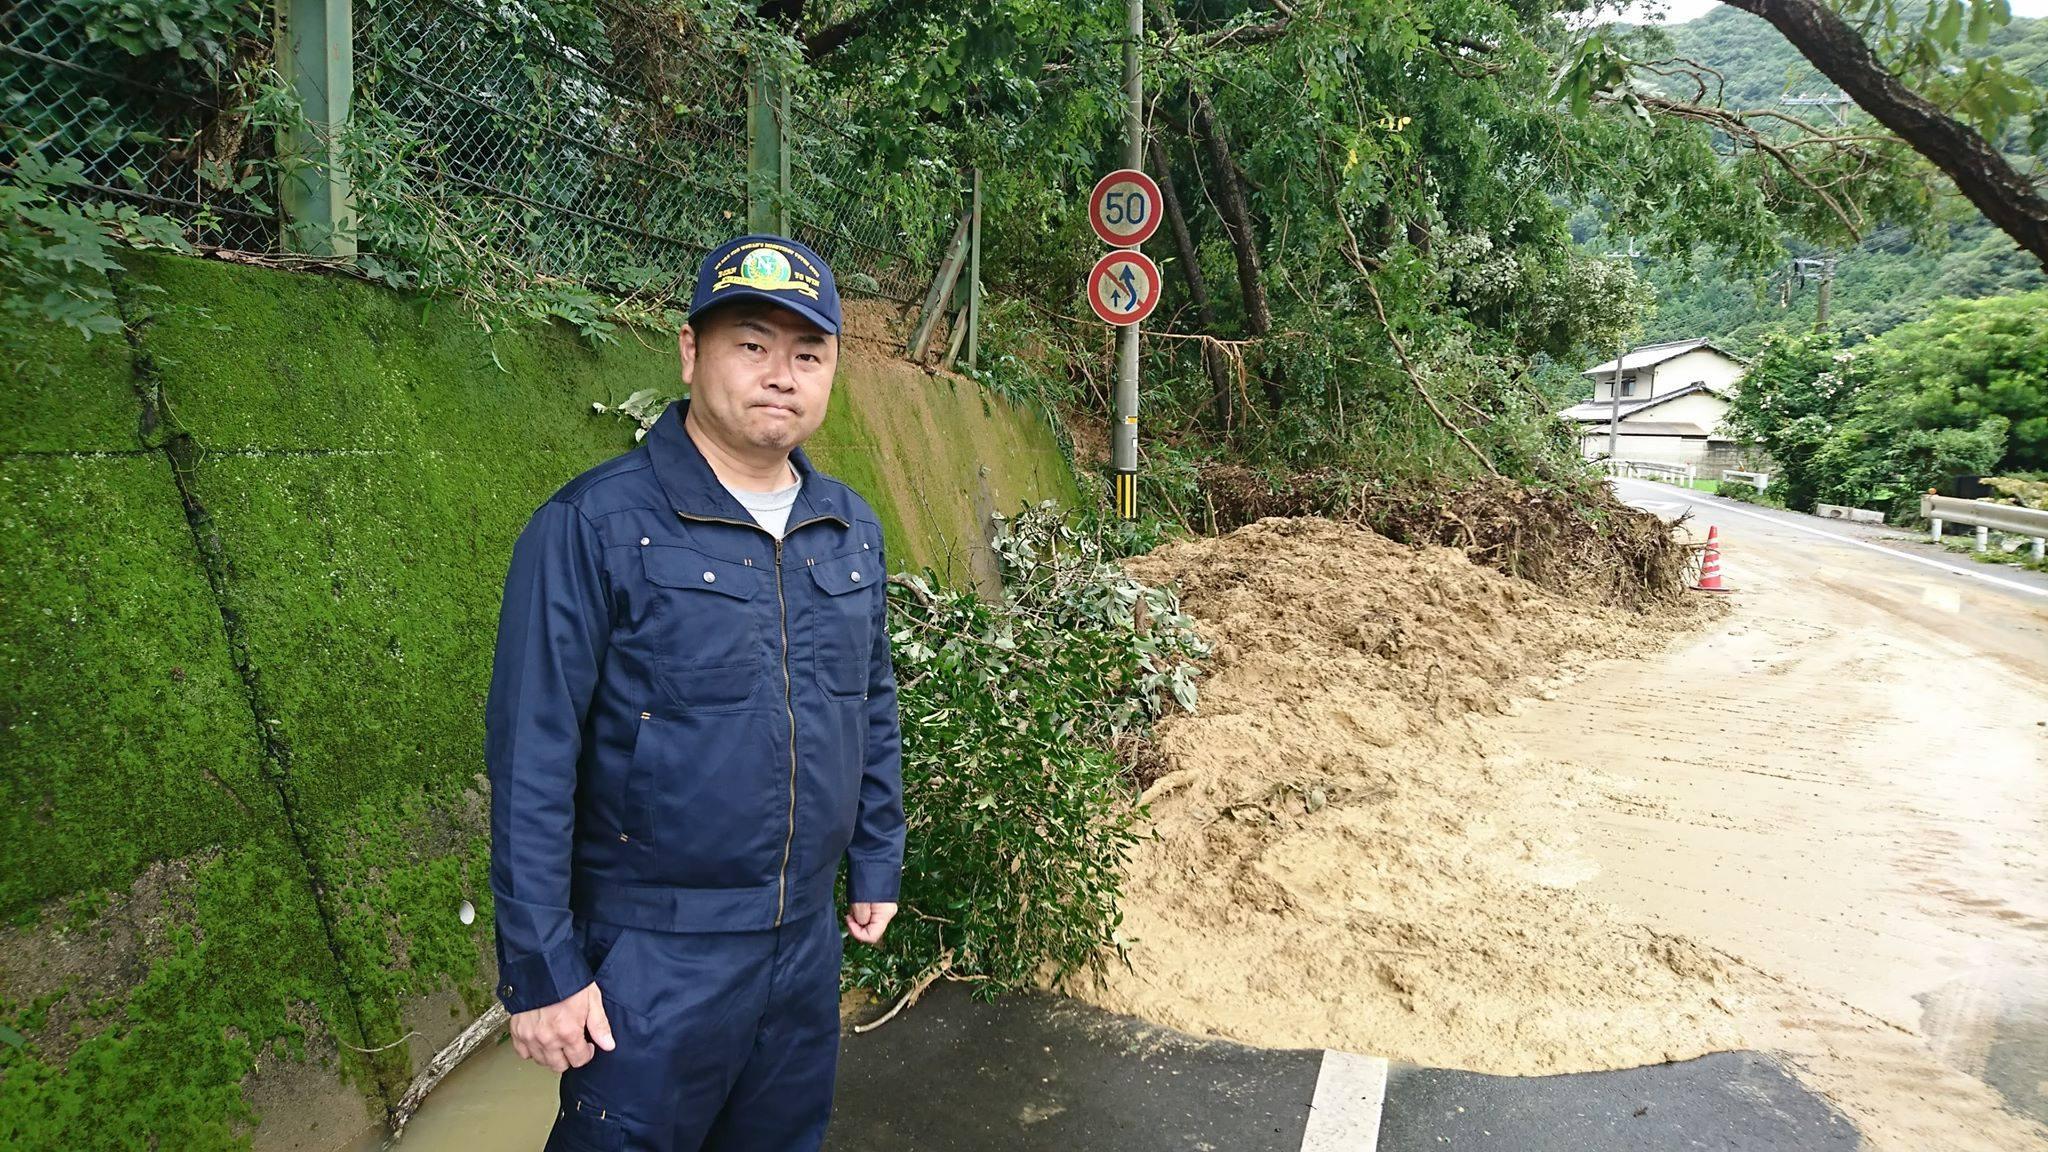 西日本豪雨の死者が88名となりました。謹んでご冥福をお祈りするとともに、被災された方々に心よりお見舞い申し上げます。